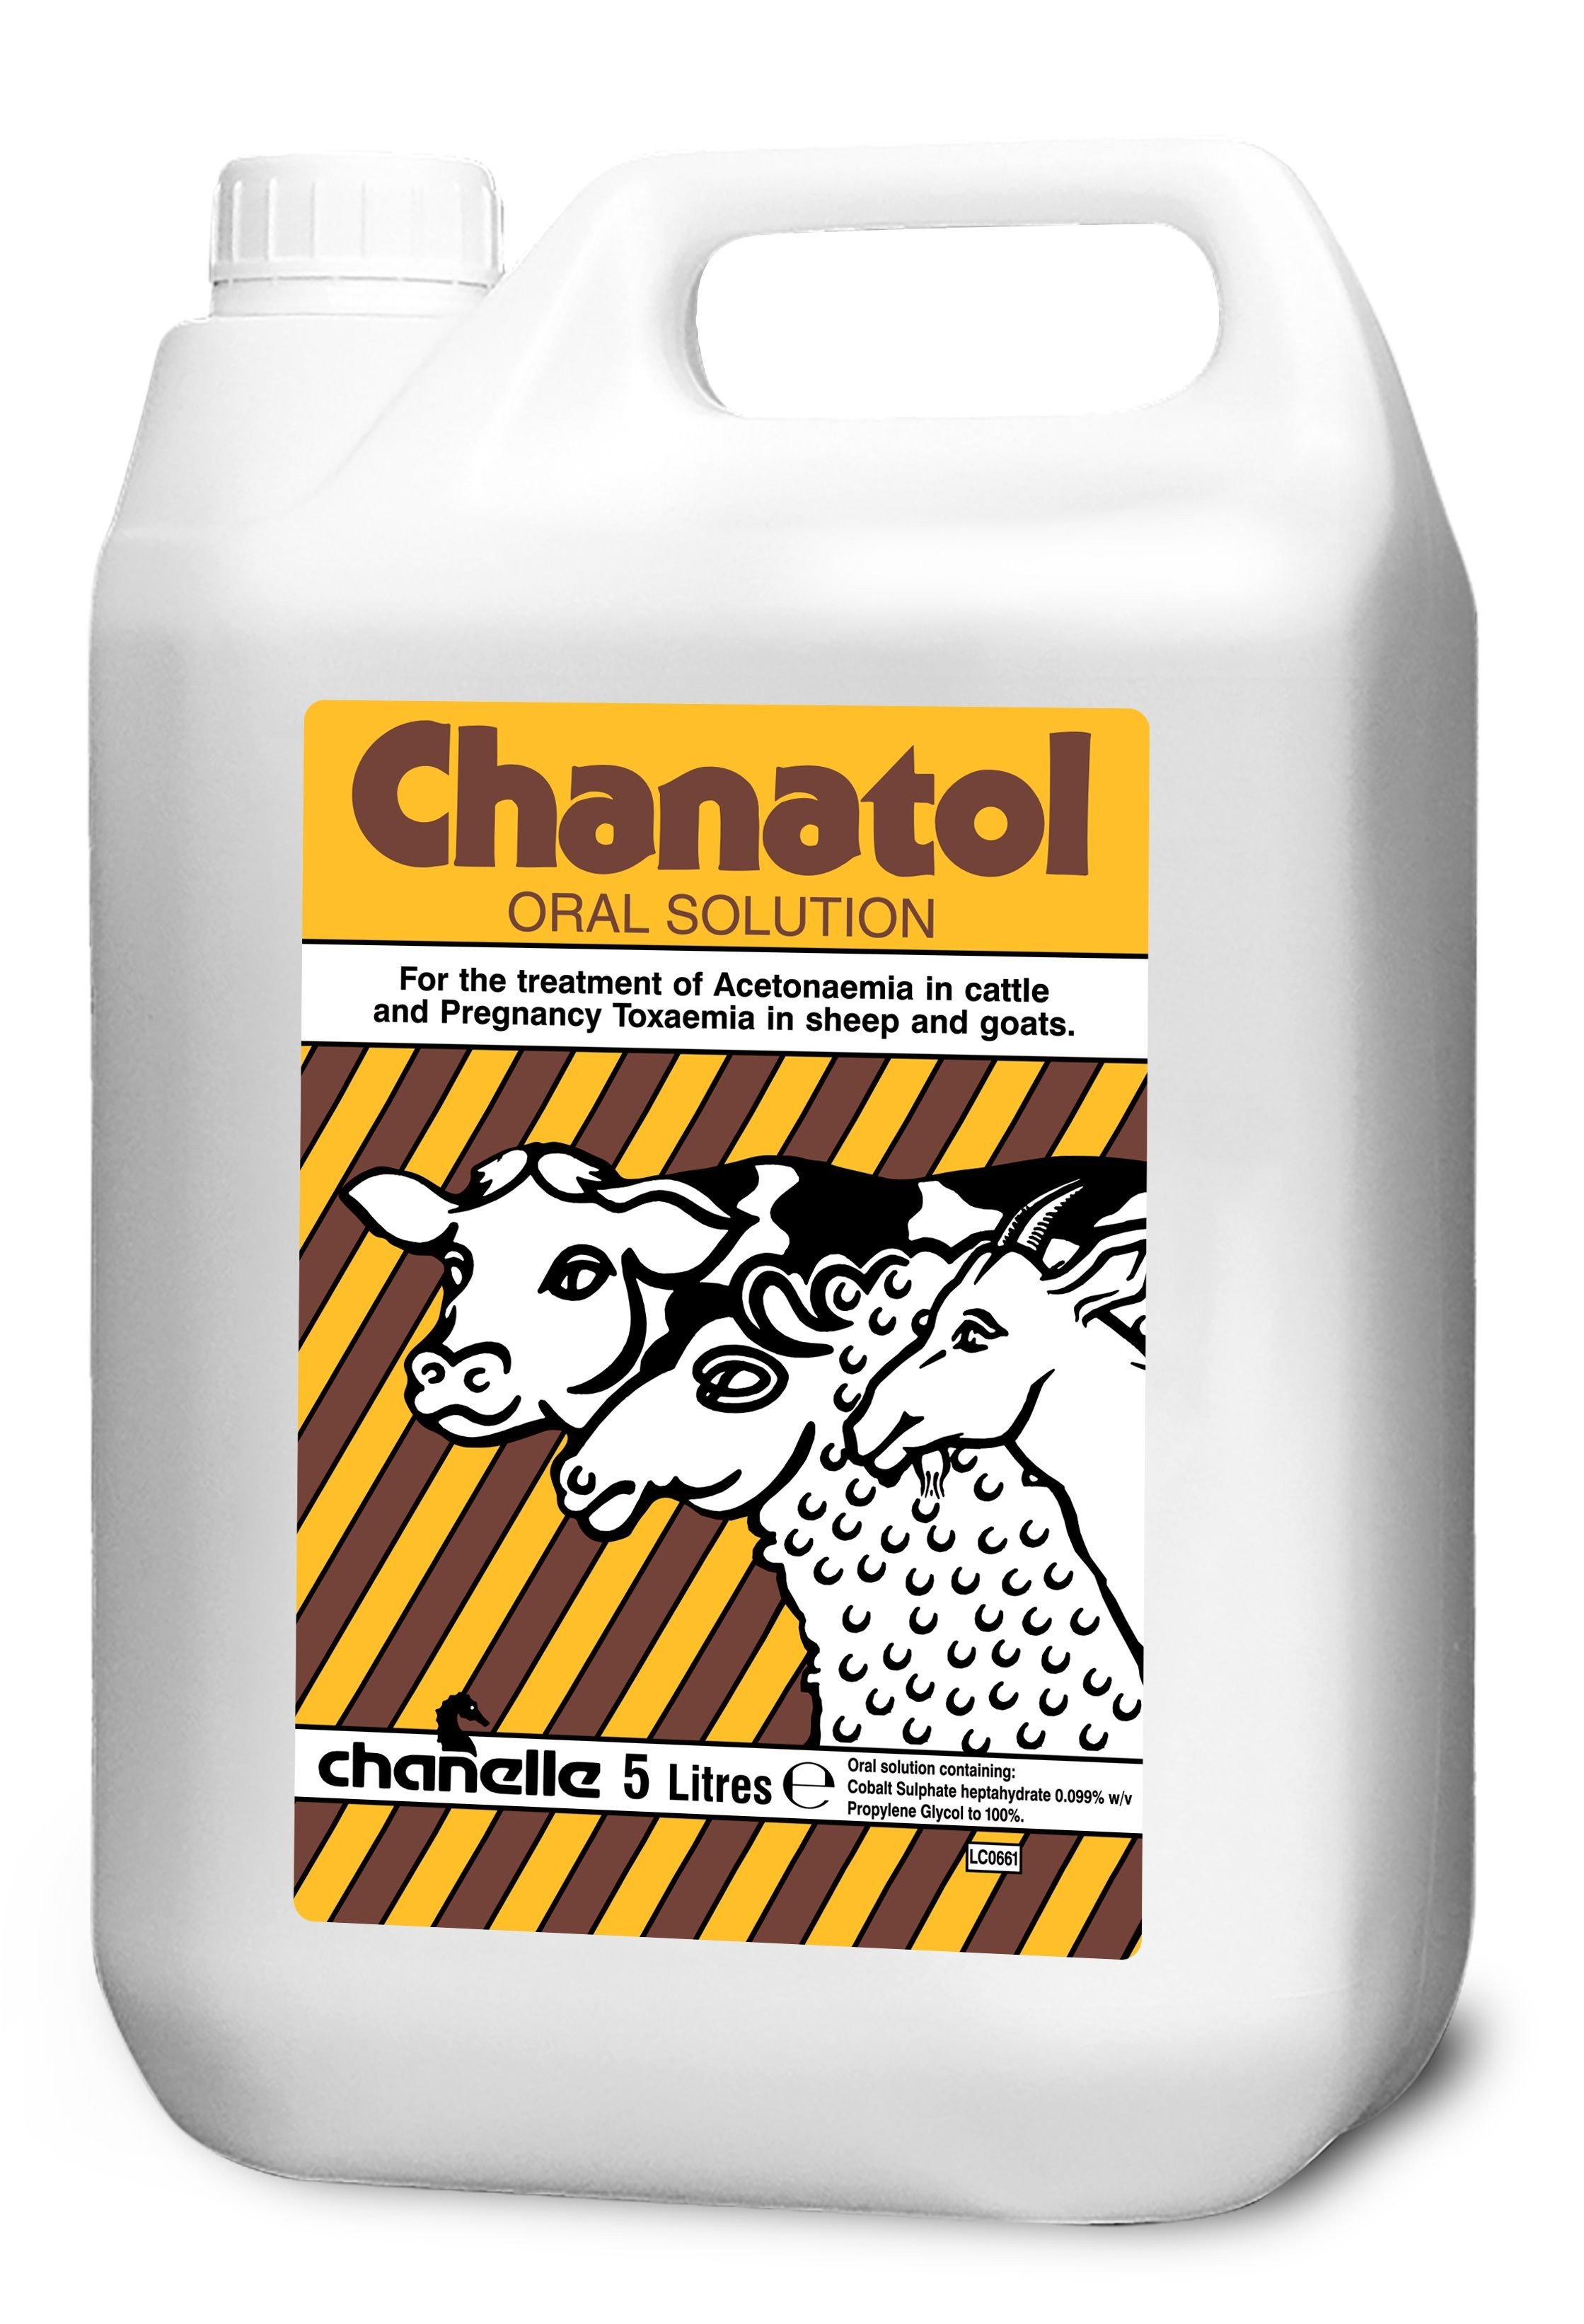 Chanatol